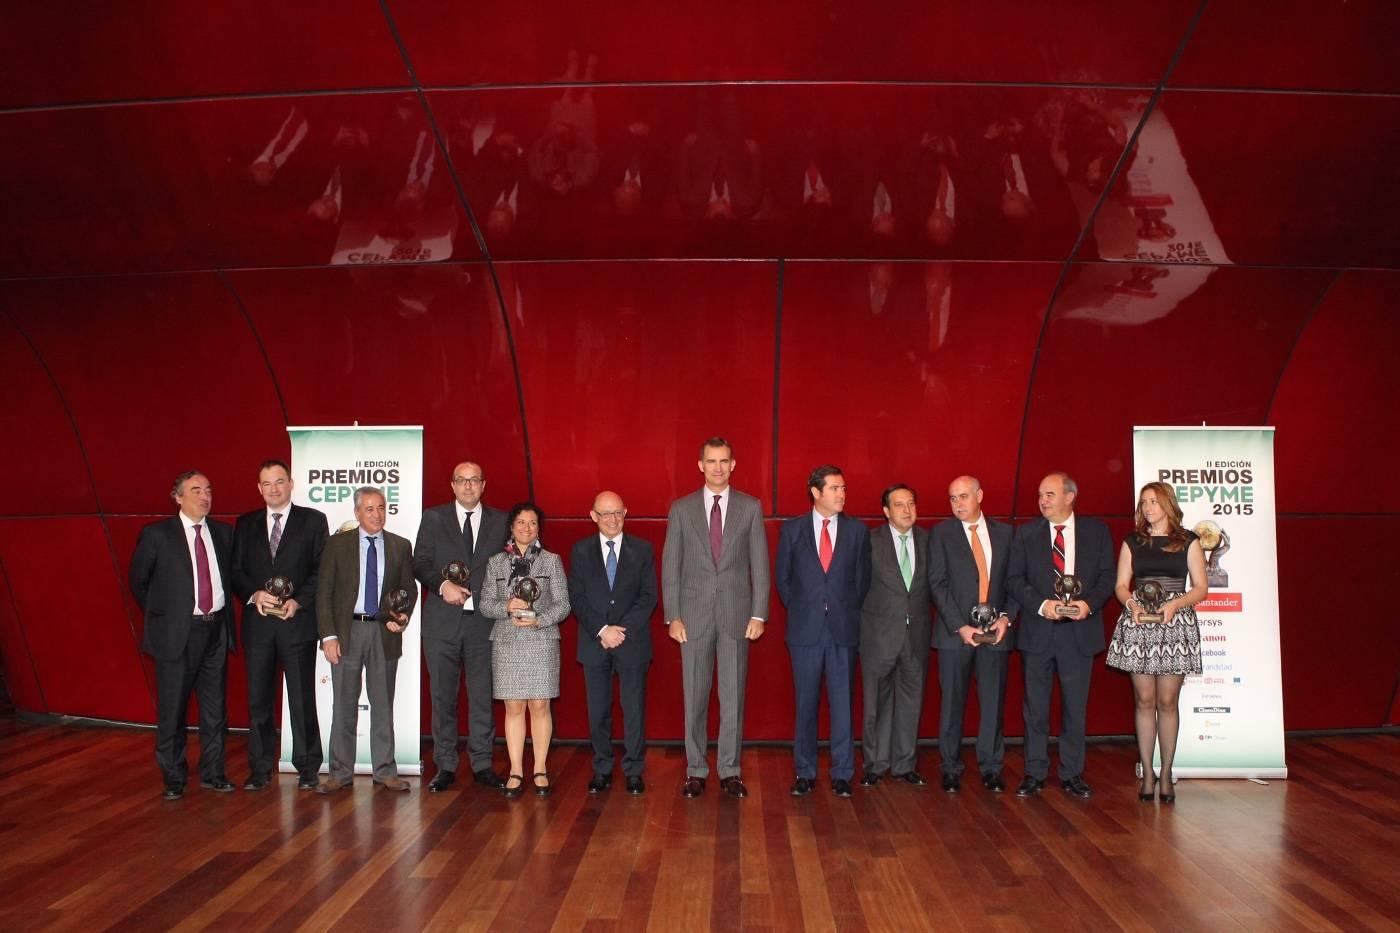 Don felipe rey con autoridades y galardonados premios cepyme 2015